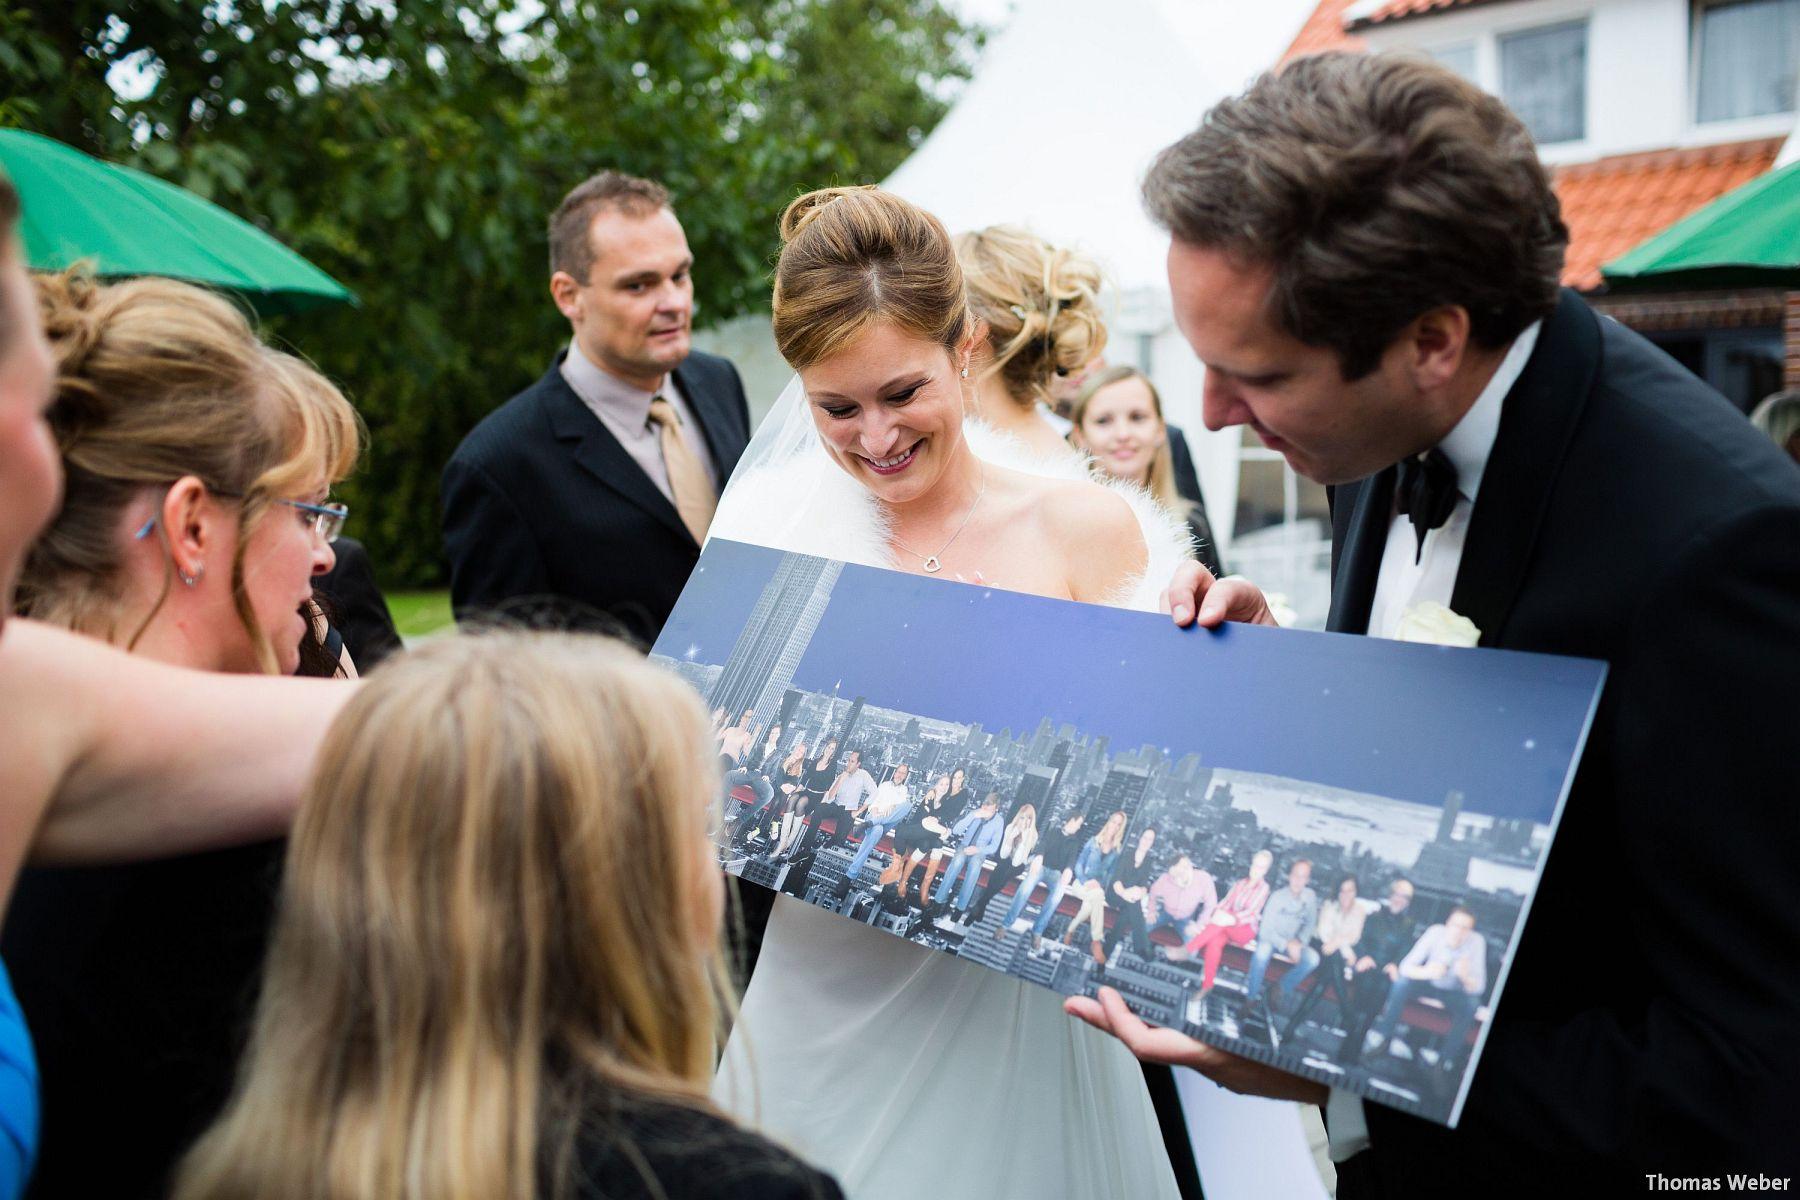 Hochzeitsfotograf Rastede: Kirchliche Trauung in der St. Ulrichs Kirche Rastede und Hochzeitsfeier in der Eventscheune St Georg Rastede mit dem Catering von Michael Niebuhr aus Oldenburg (42)